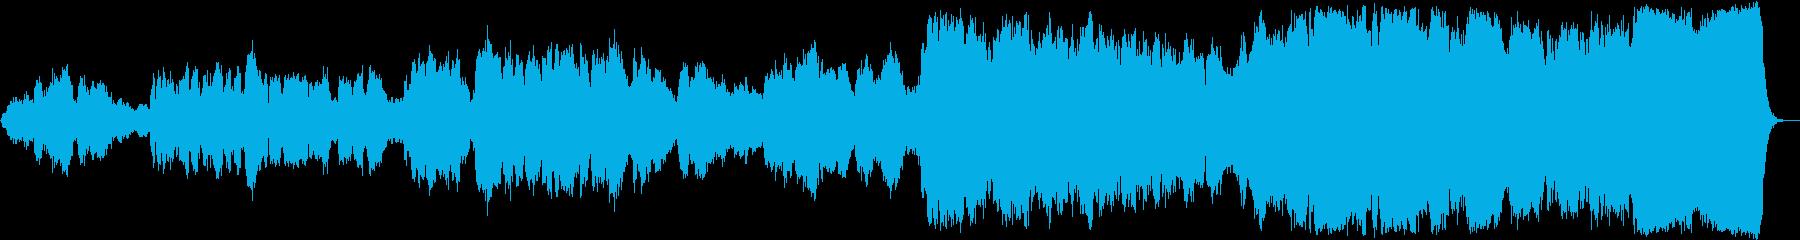 力強いテノールがオケをバックに歌うの再生済みの波形